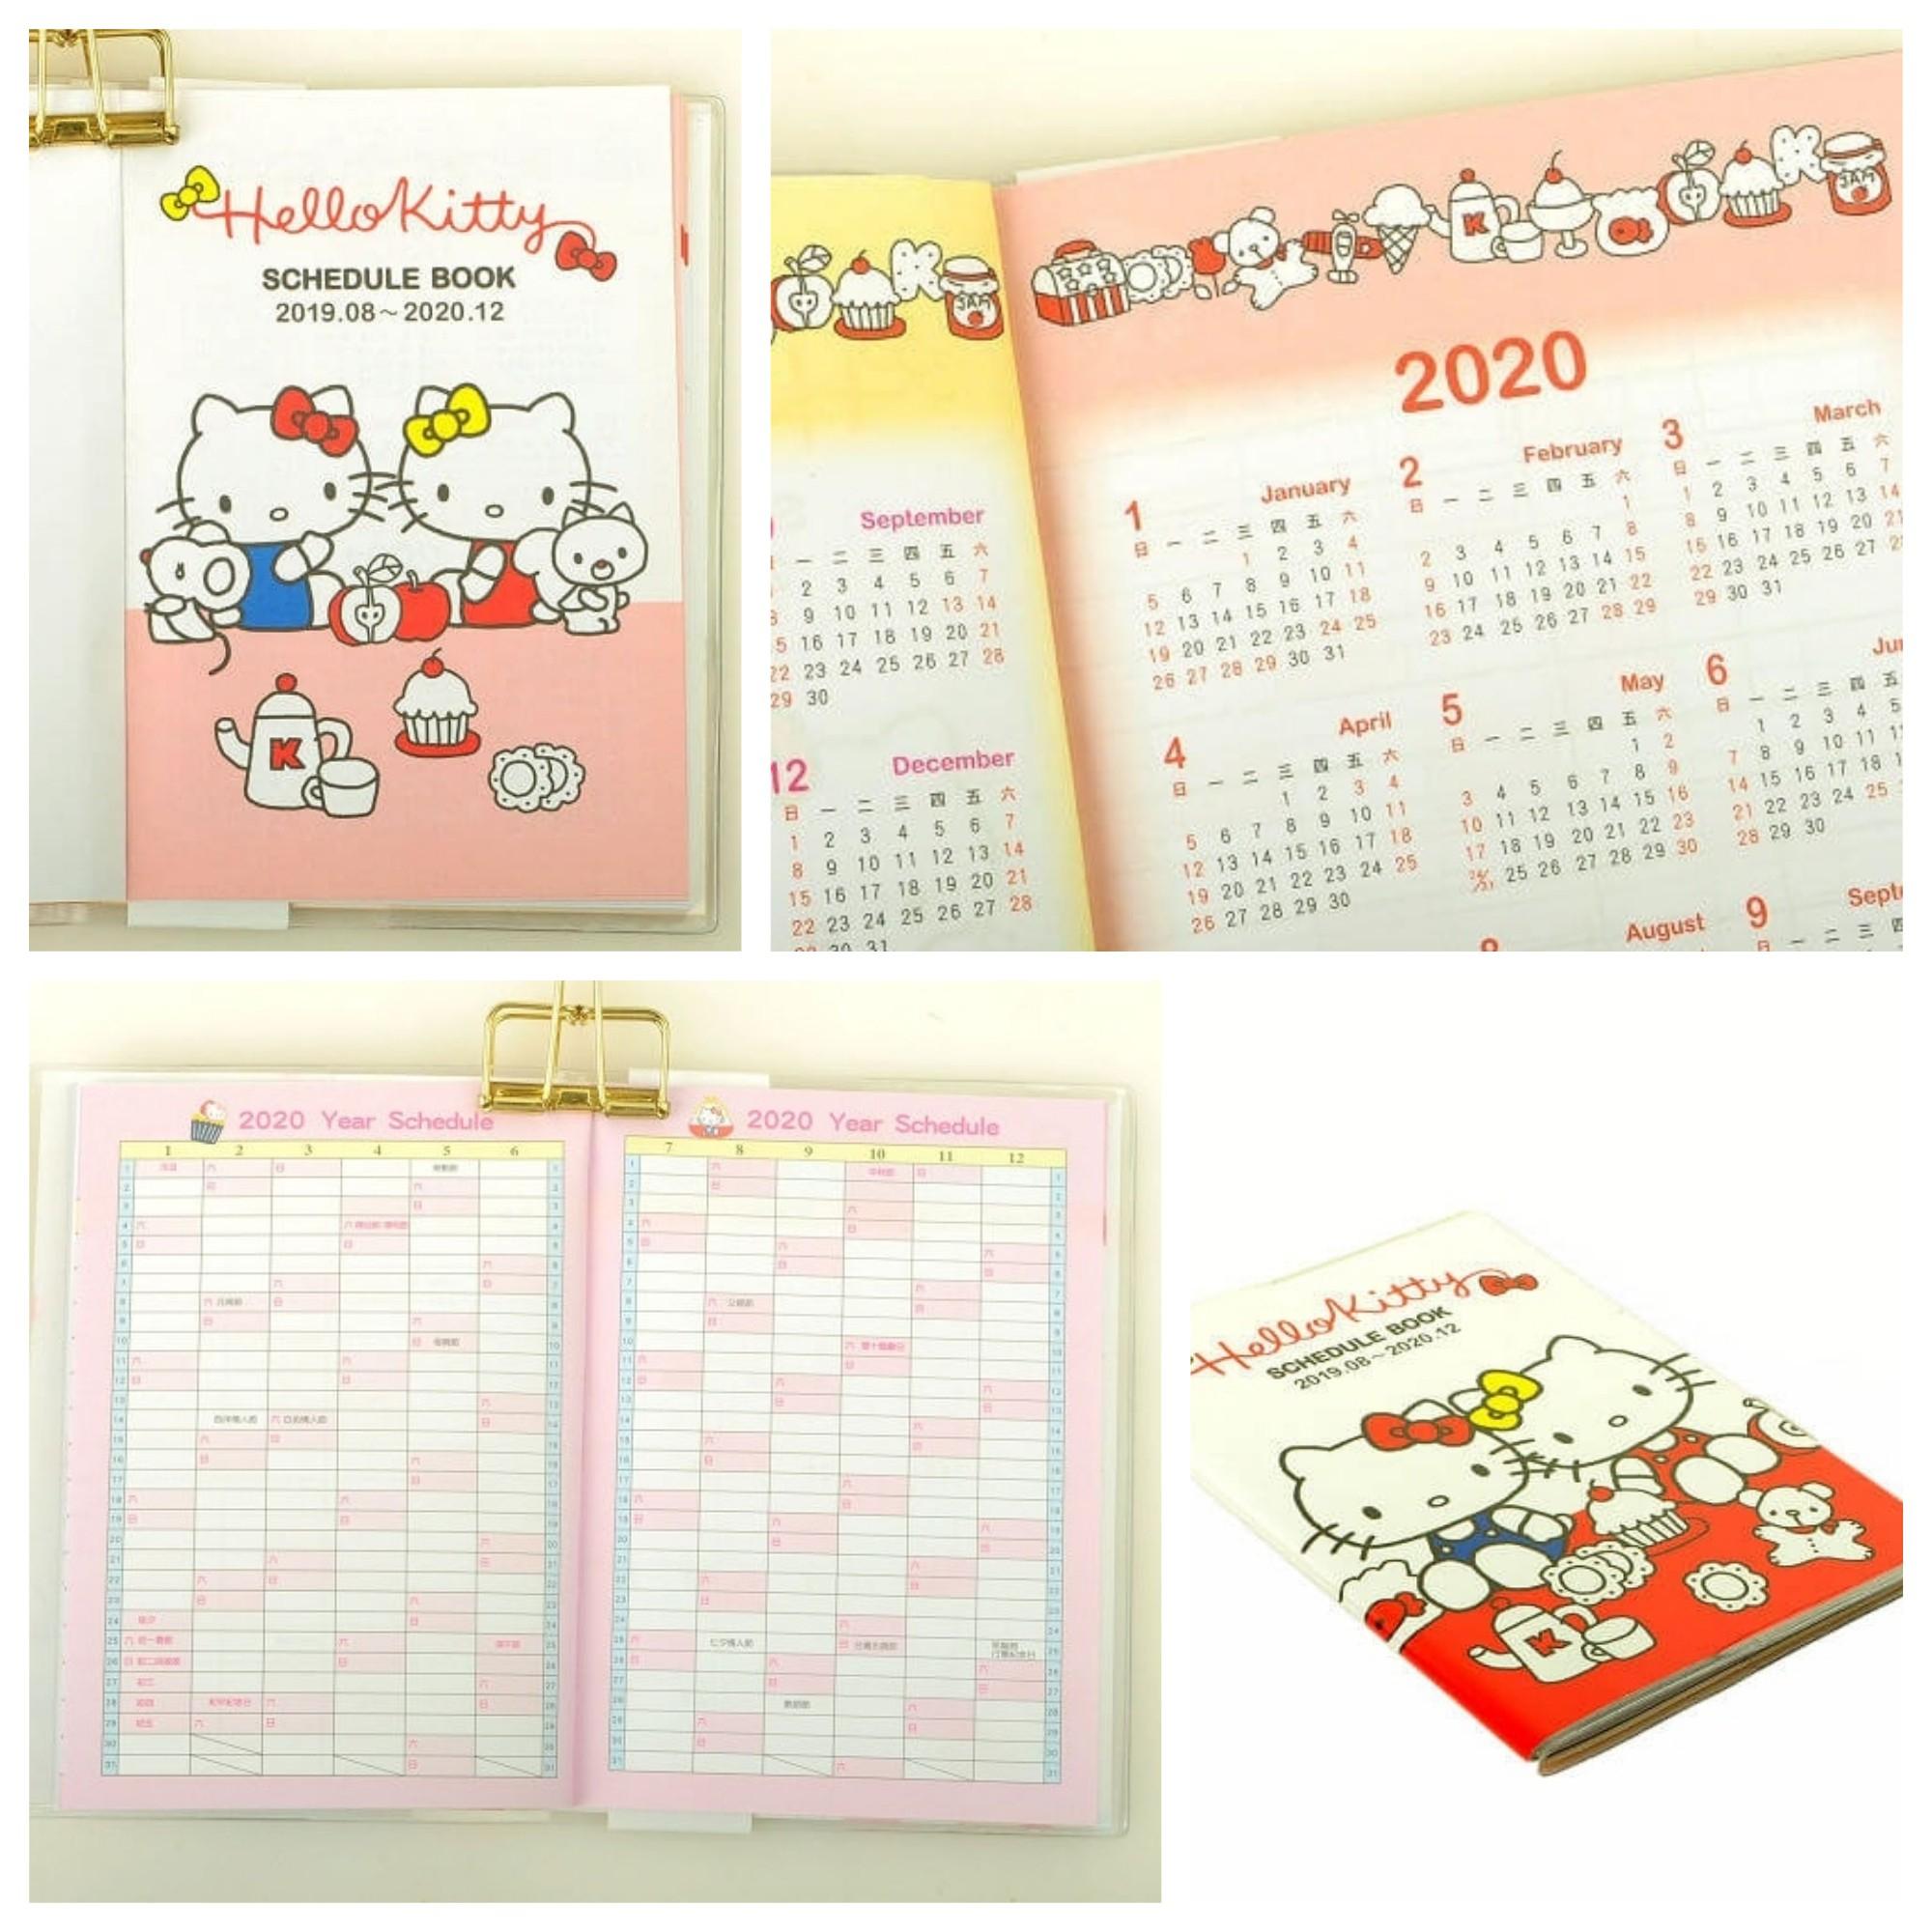 2019 - 2020 Hello Kitty & Mimmy Pocket Planner Schedule Book